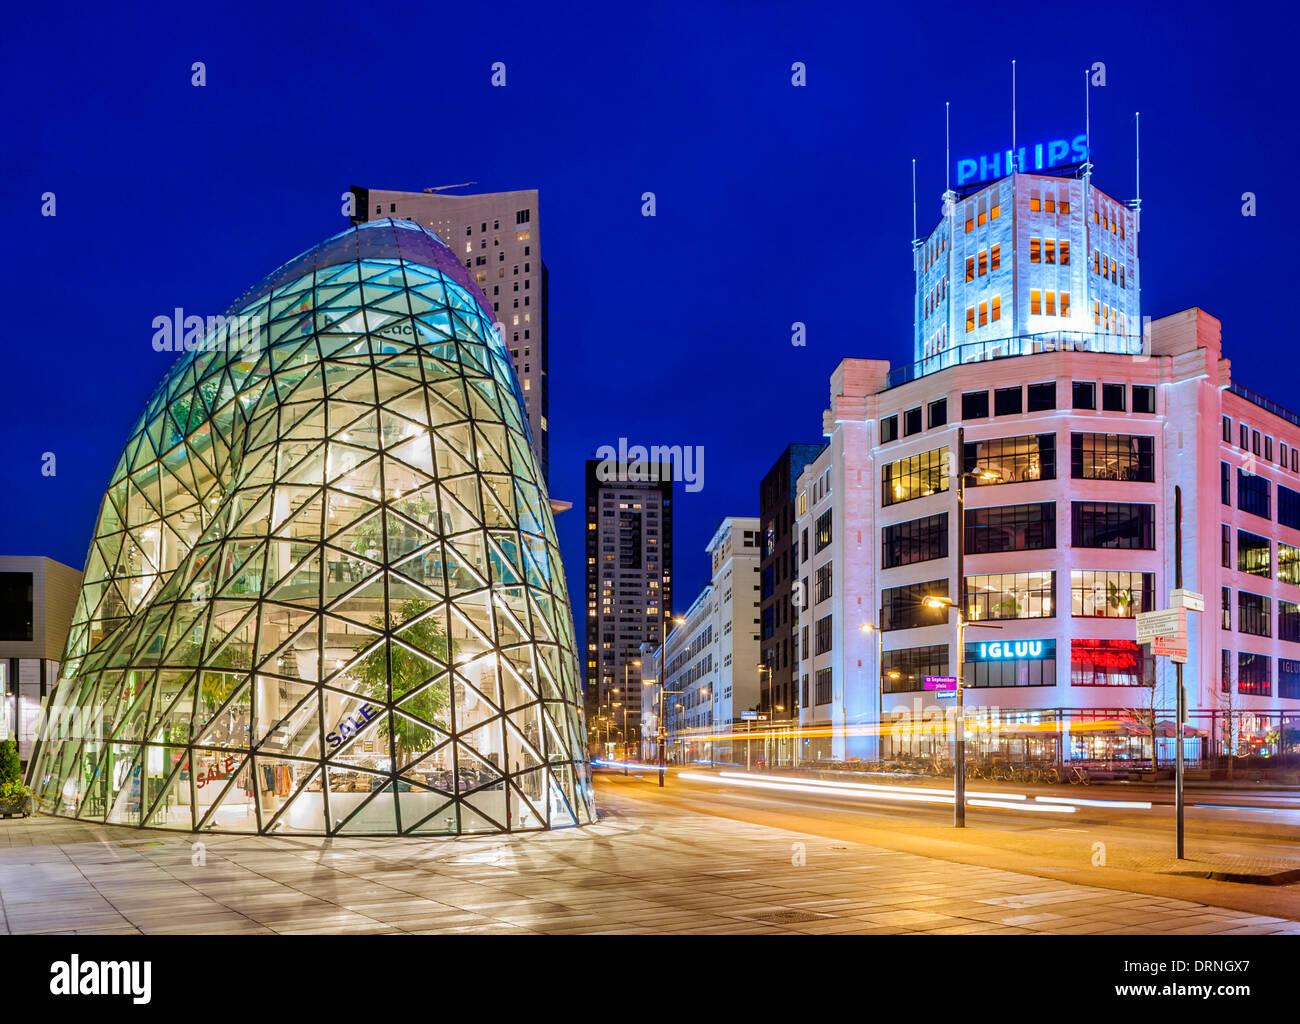 Eindhoven, Niederlande, Europa - Der Blob Gebäude moderne Architektur im Zentrum der Stadt, wie der Eingang zur Admirant Shopping Mall Stockbild